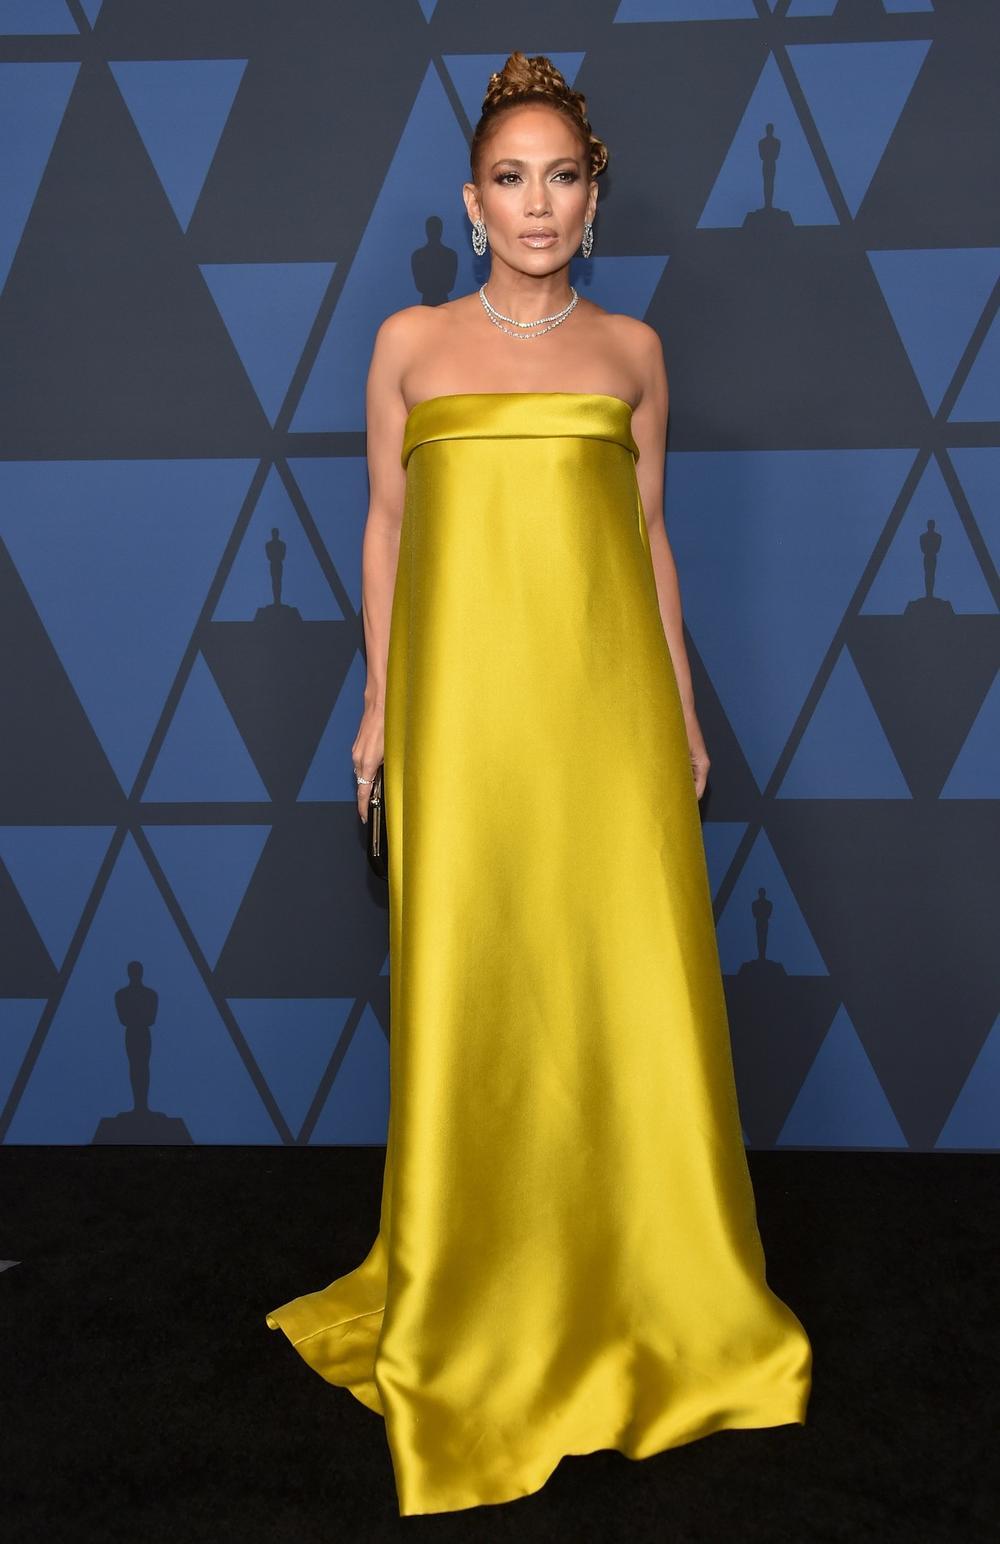 <p><br /> Popularna pevačica i glumica privlači pažnju javnosti svakim svojim modnim izborom, ali ovog puta nisu svi oduševljeni njenim izgledom.</p>